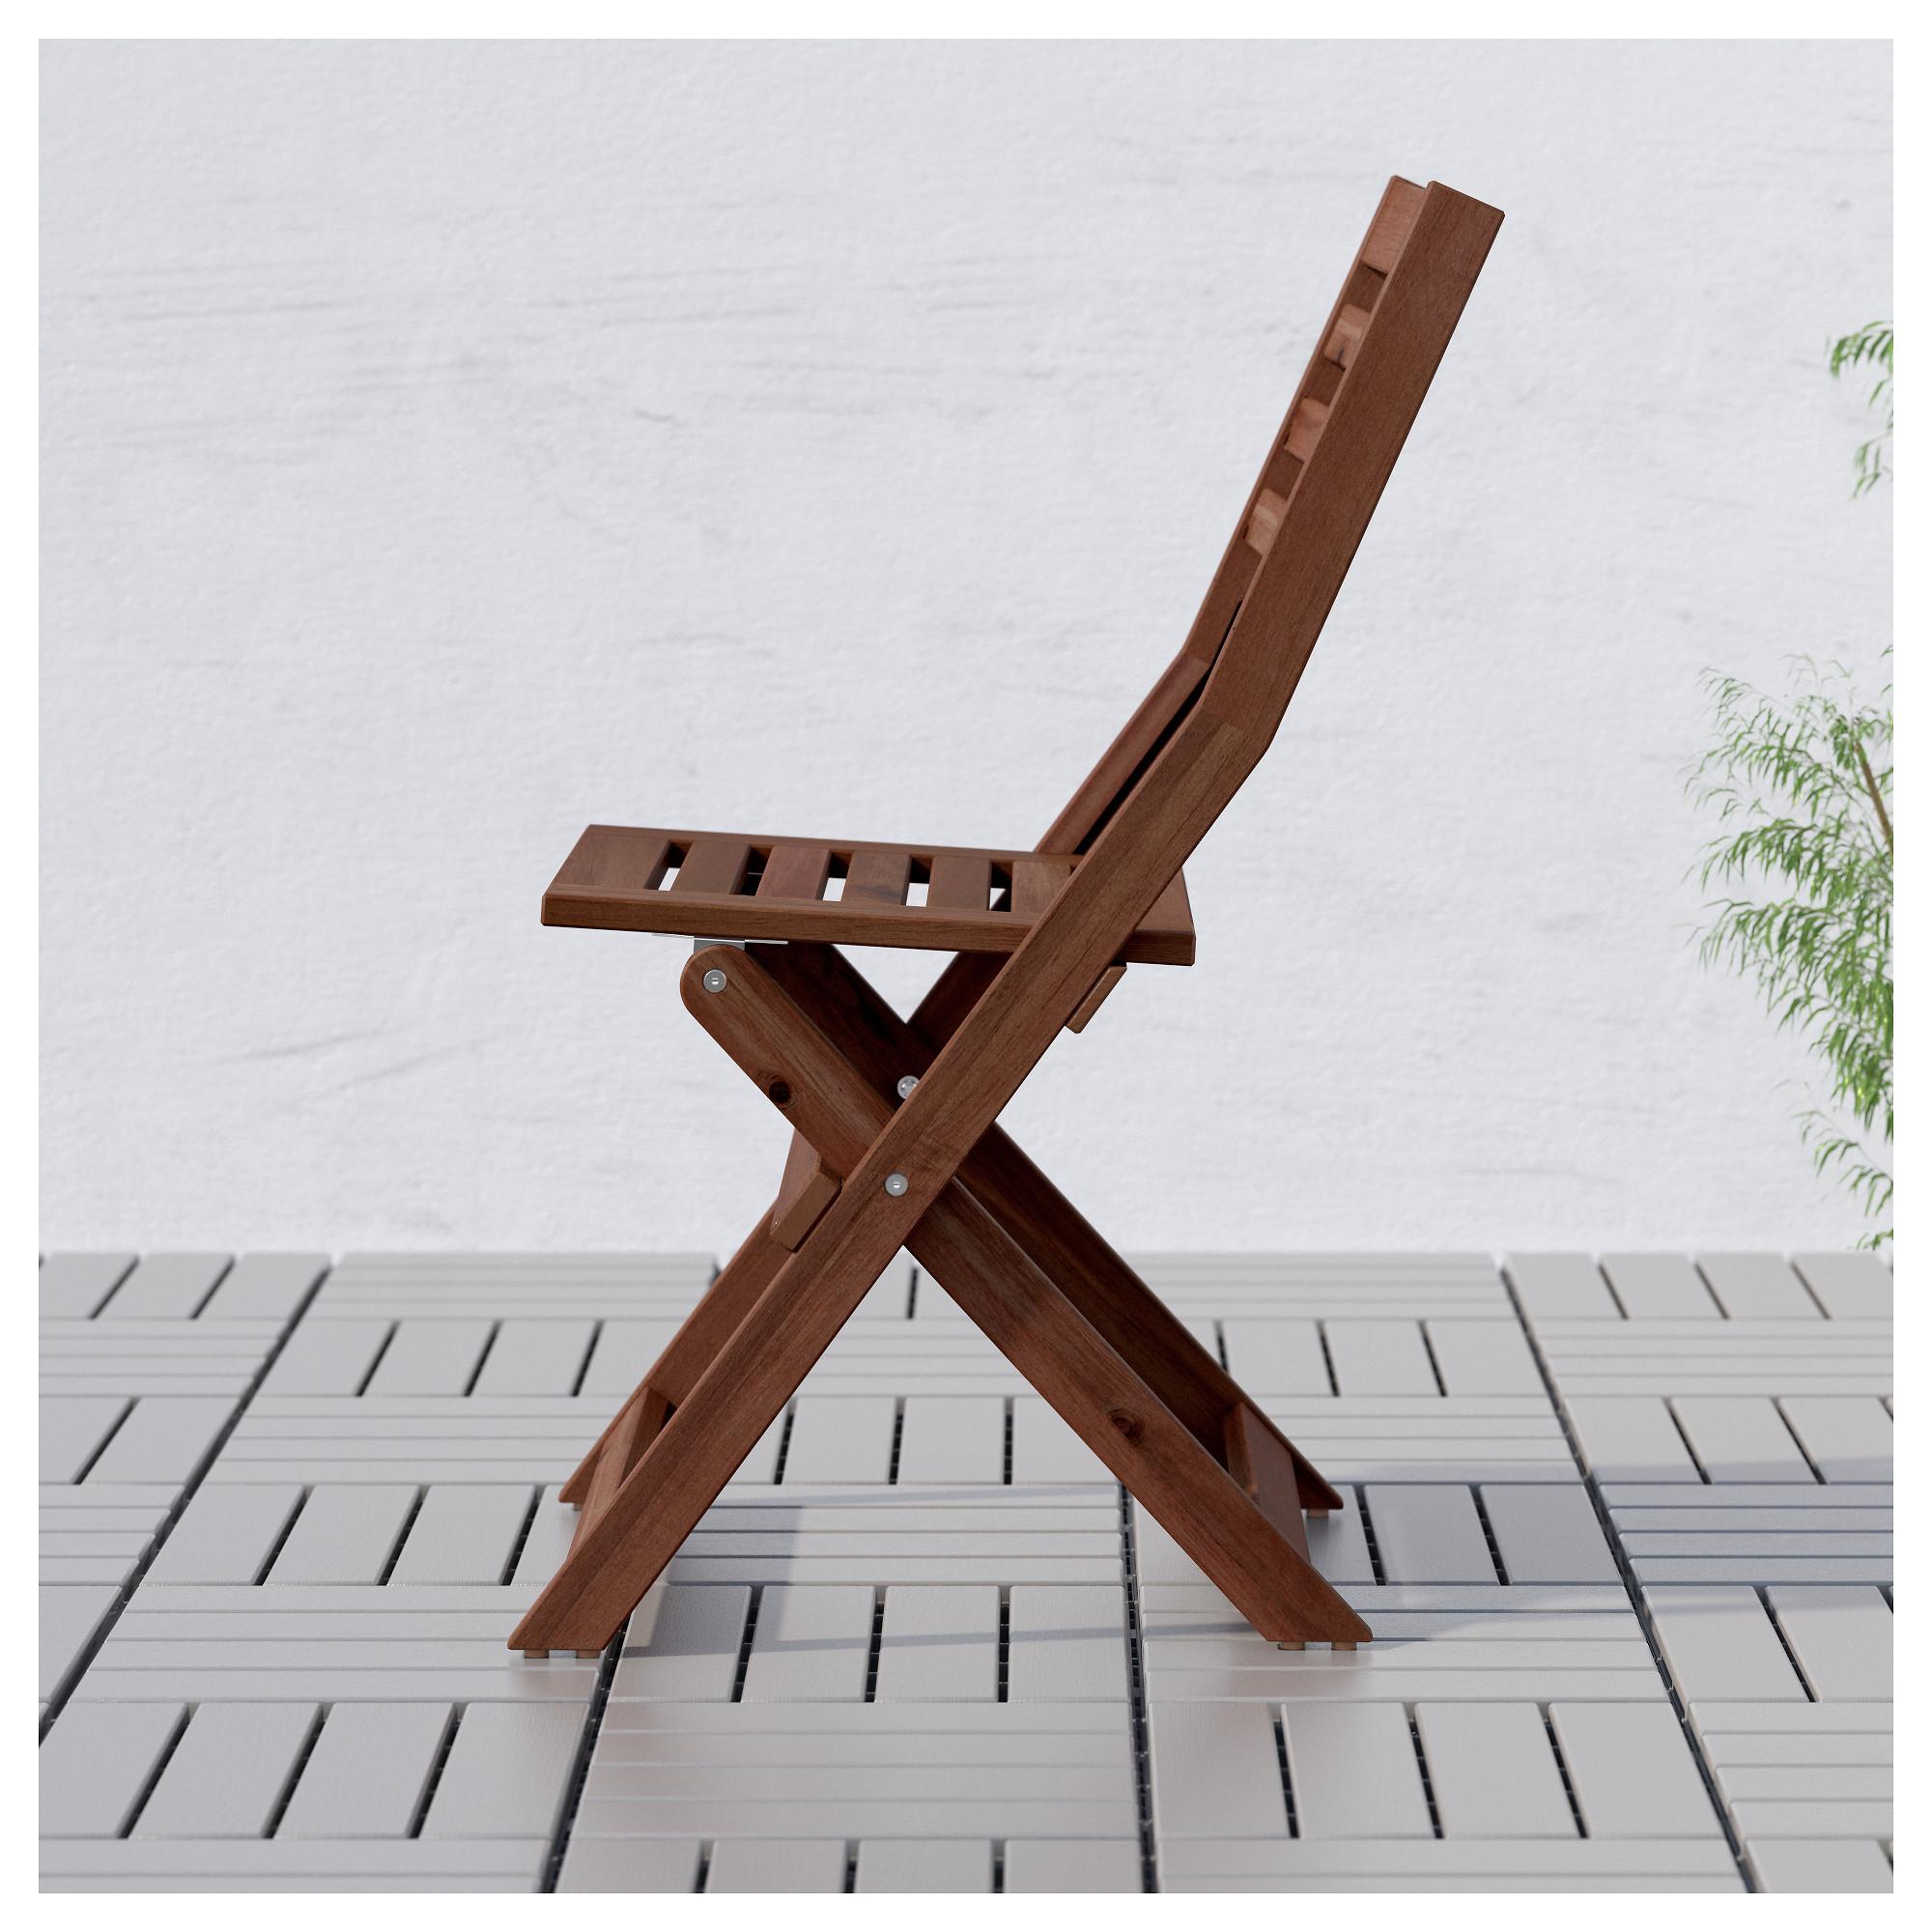 Садовый стул ЭПЛАРО артикуль № 903.763.34 в наличии. Интернет сайт IKEA Республика Беларусь. Быстрая доставка и монтаж.